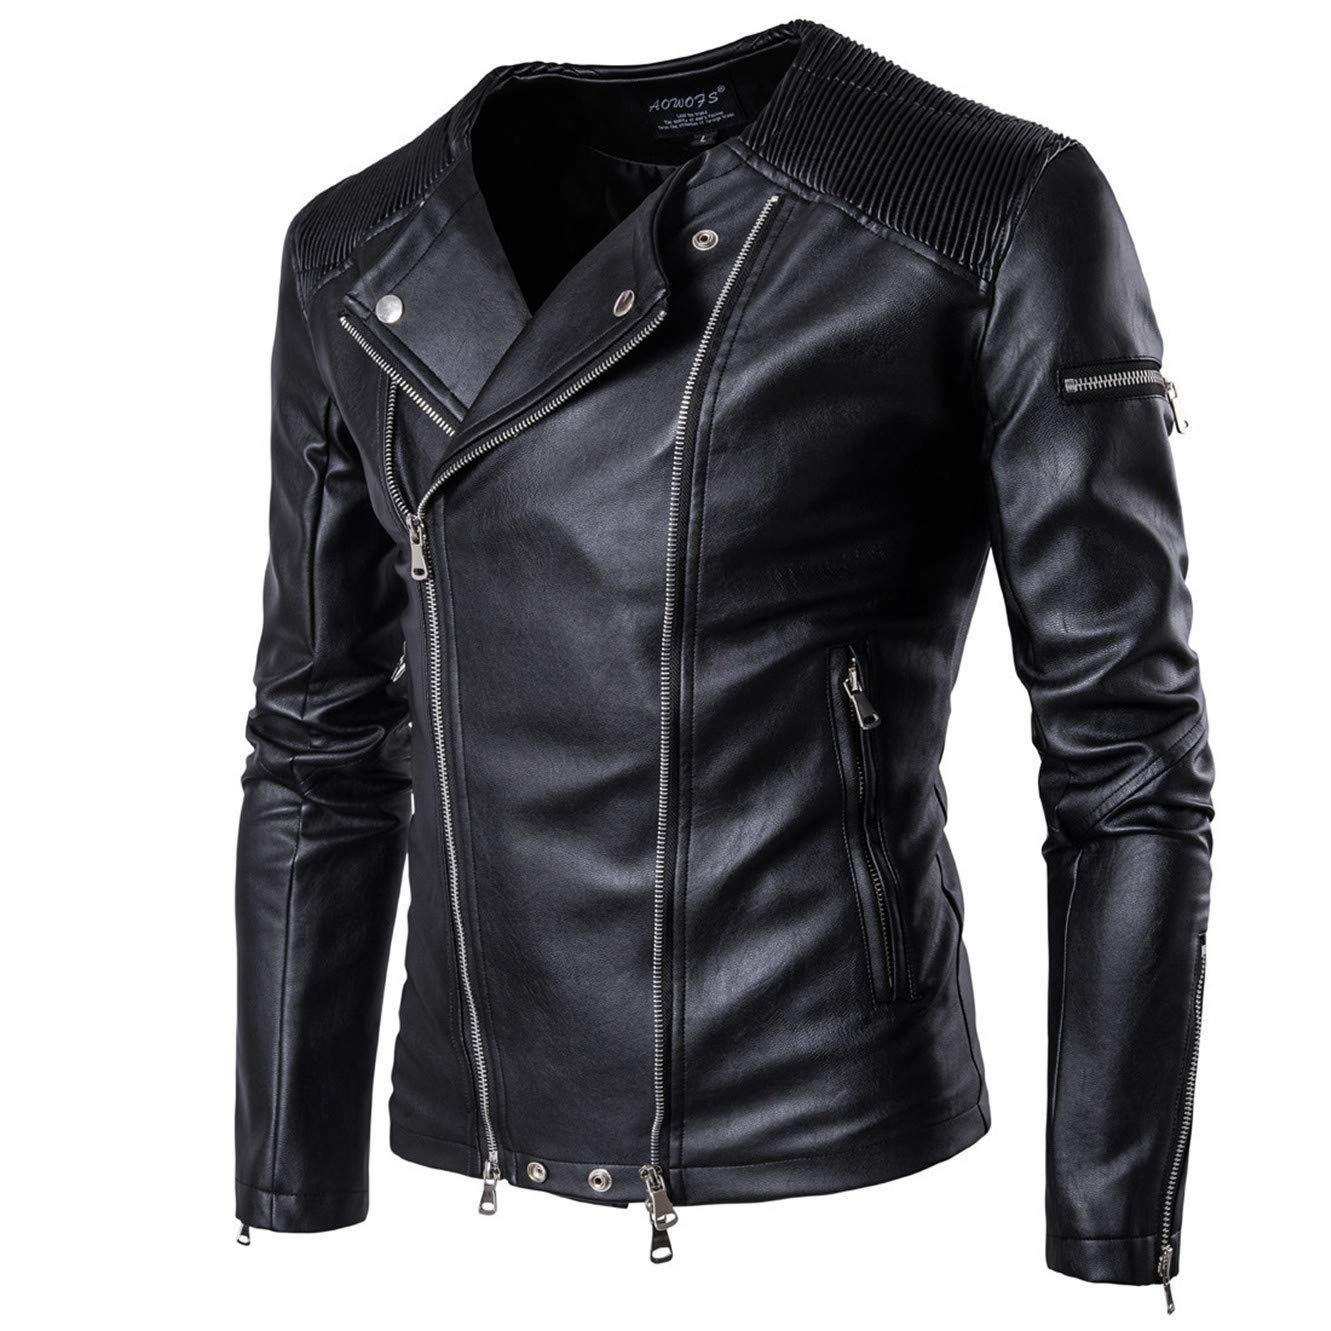 Hombres Primavera Oto?o PU Estilo Punk Leather Ropa Chaqueta Moda Ocio Locomotora Comprar Chaqueta Abrigo B001: Amazon.es: Ropa y accesorios